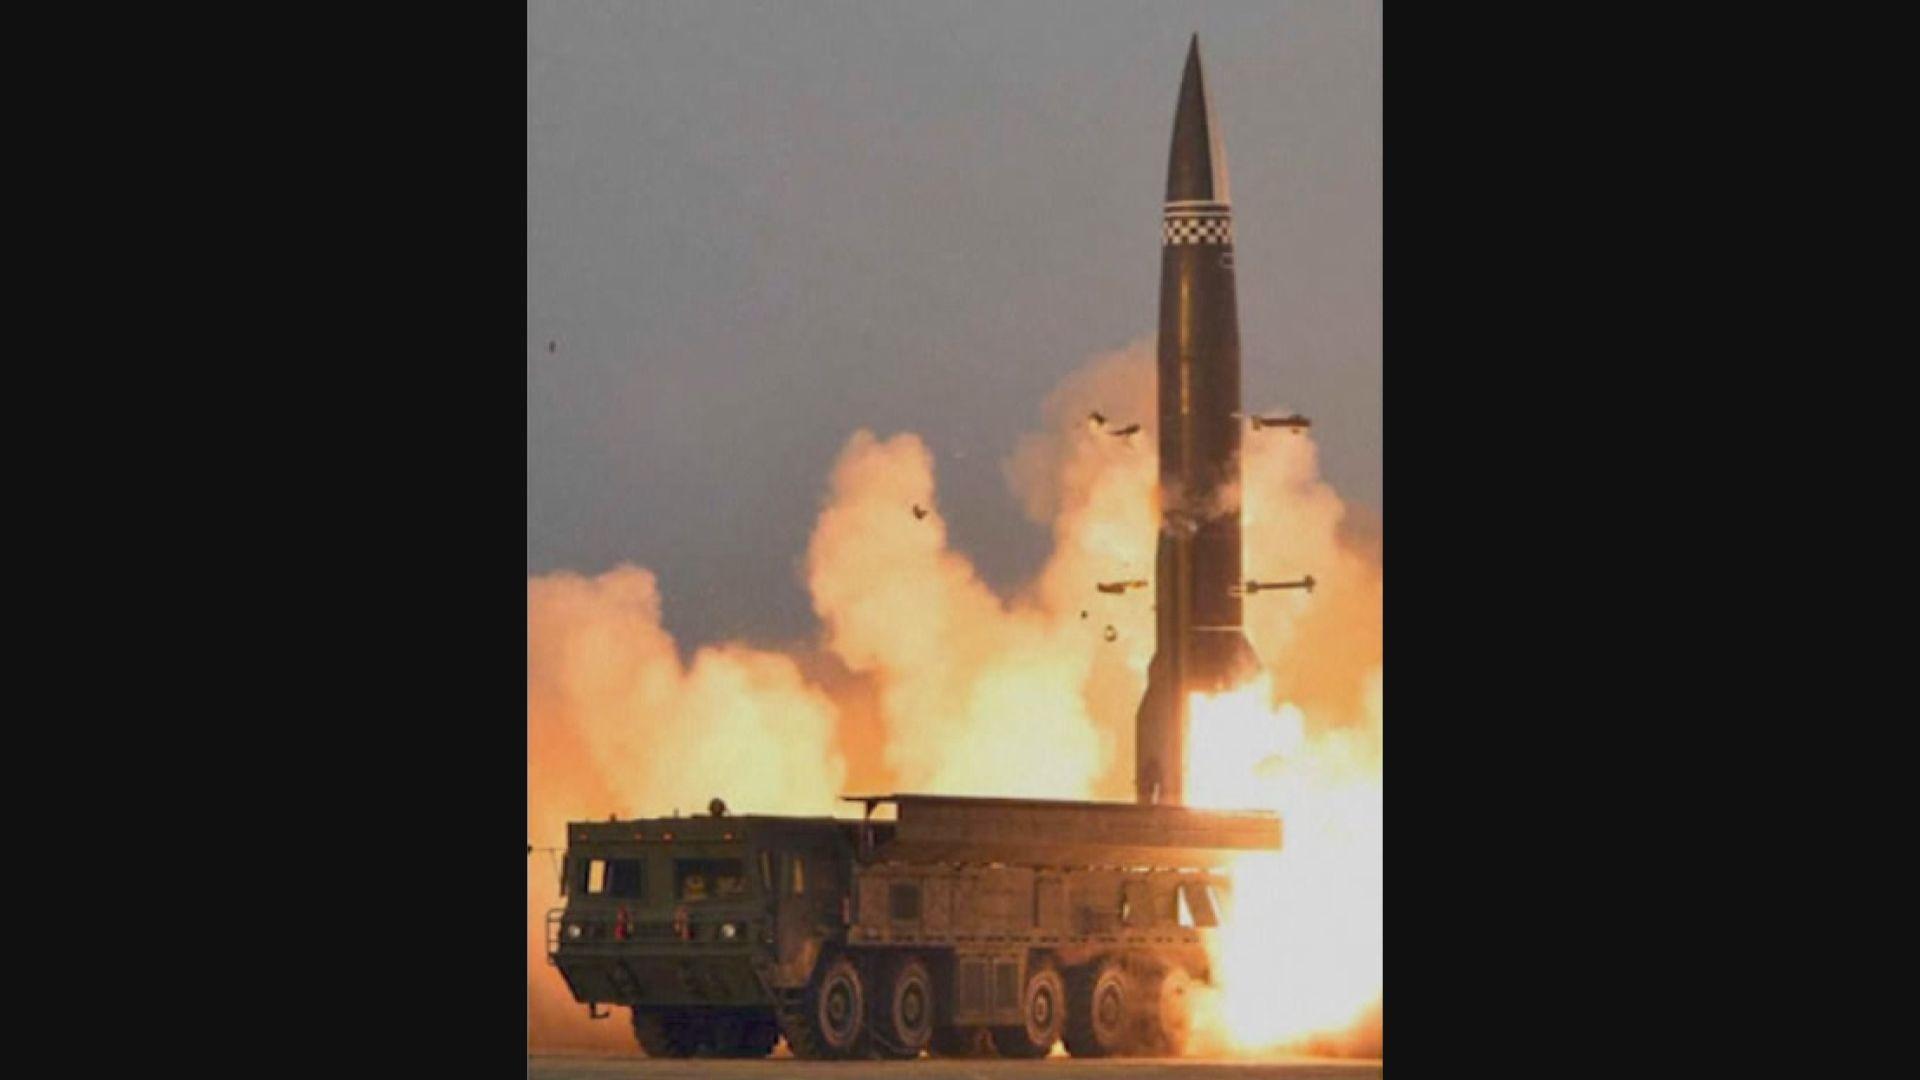 北韓指成功試射新型導彈 拜登警告美國會採取相應行動